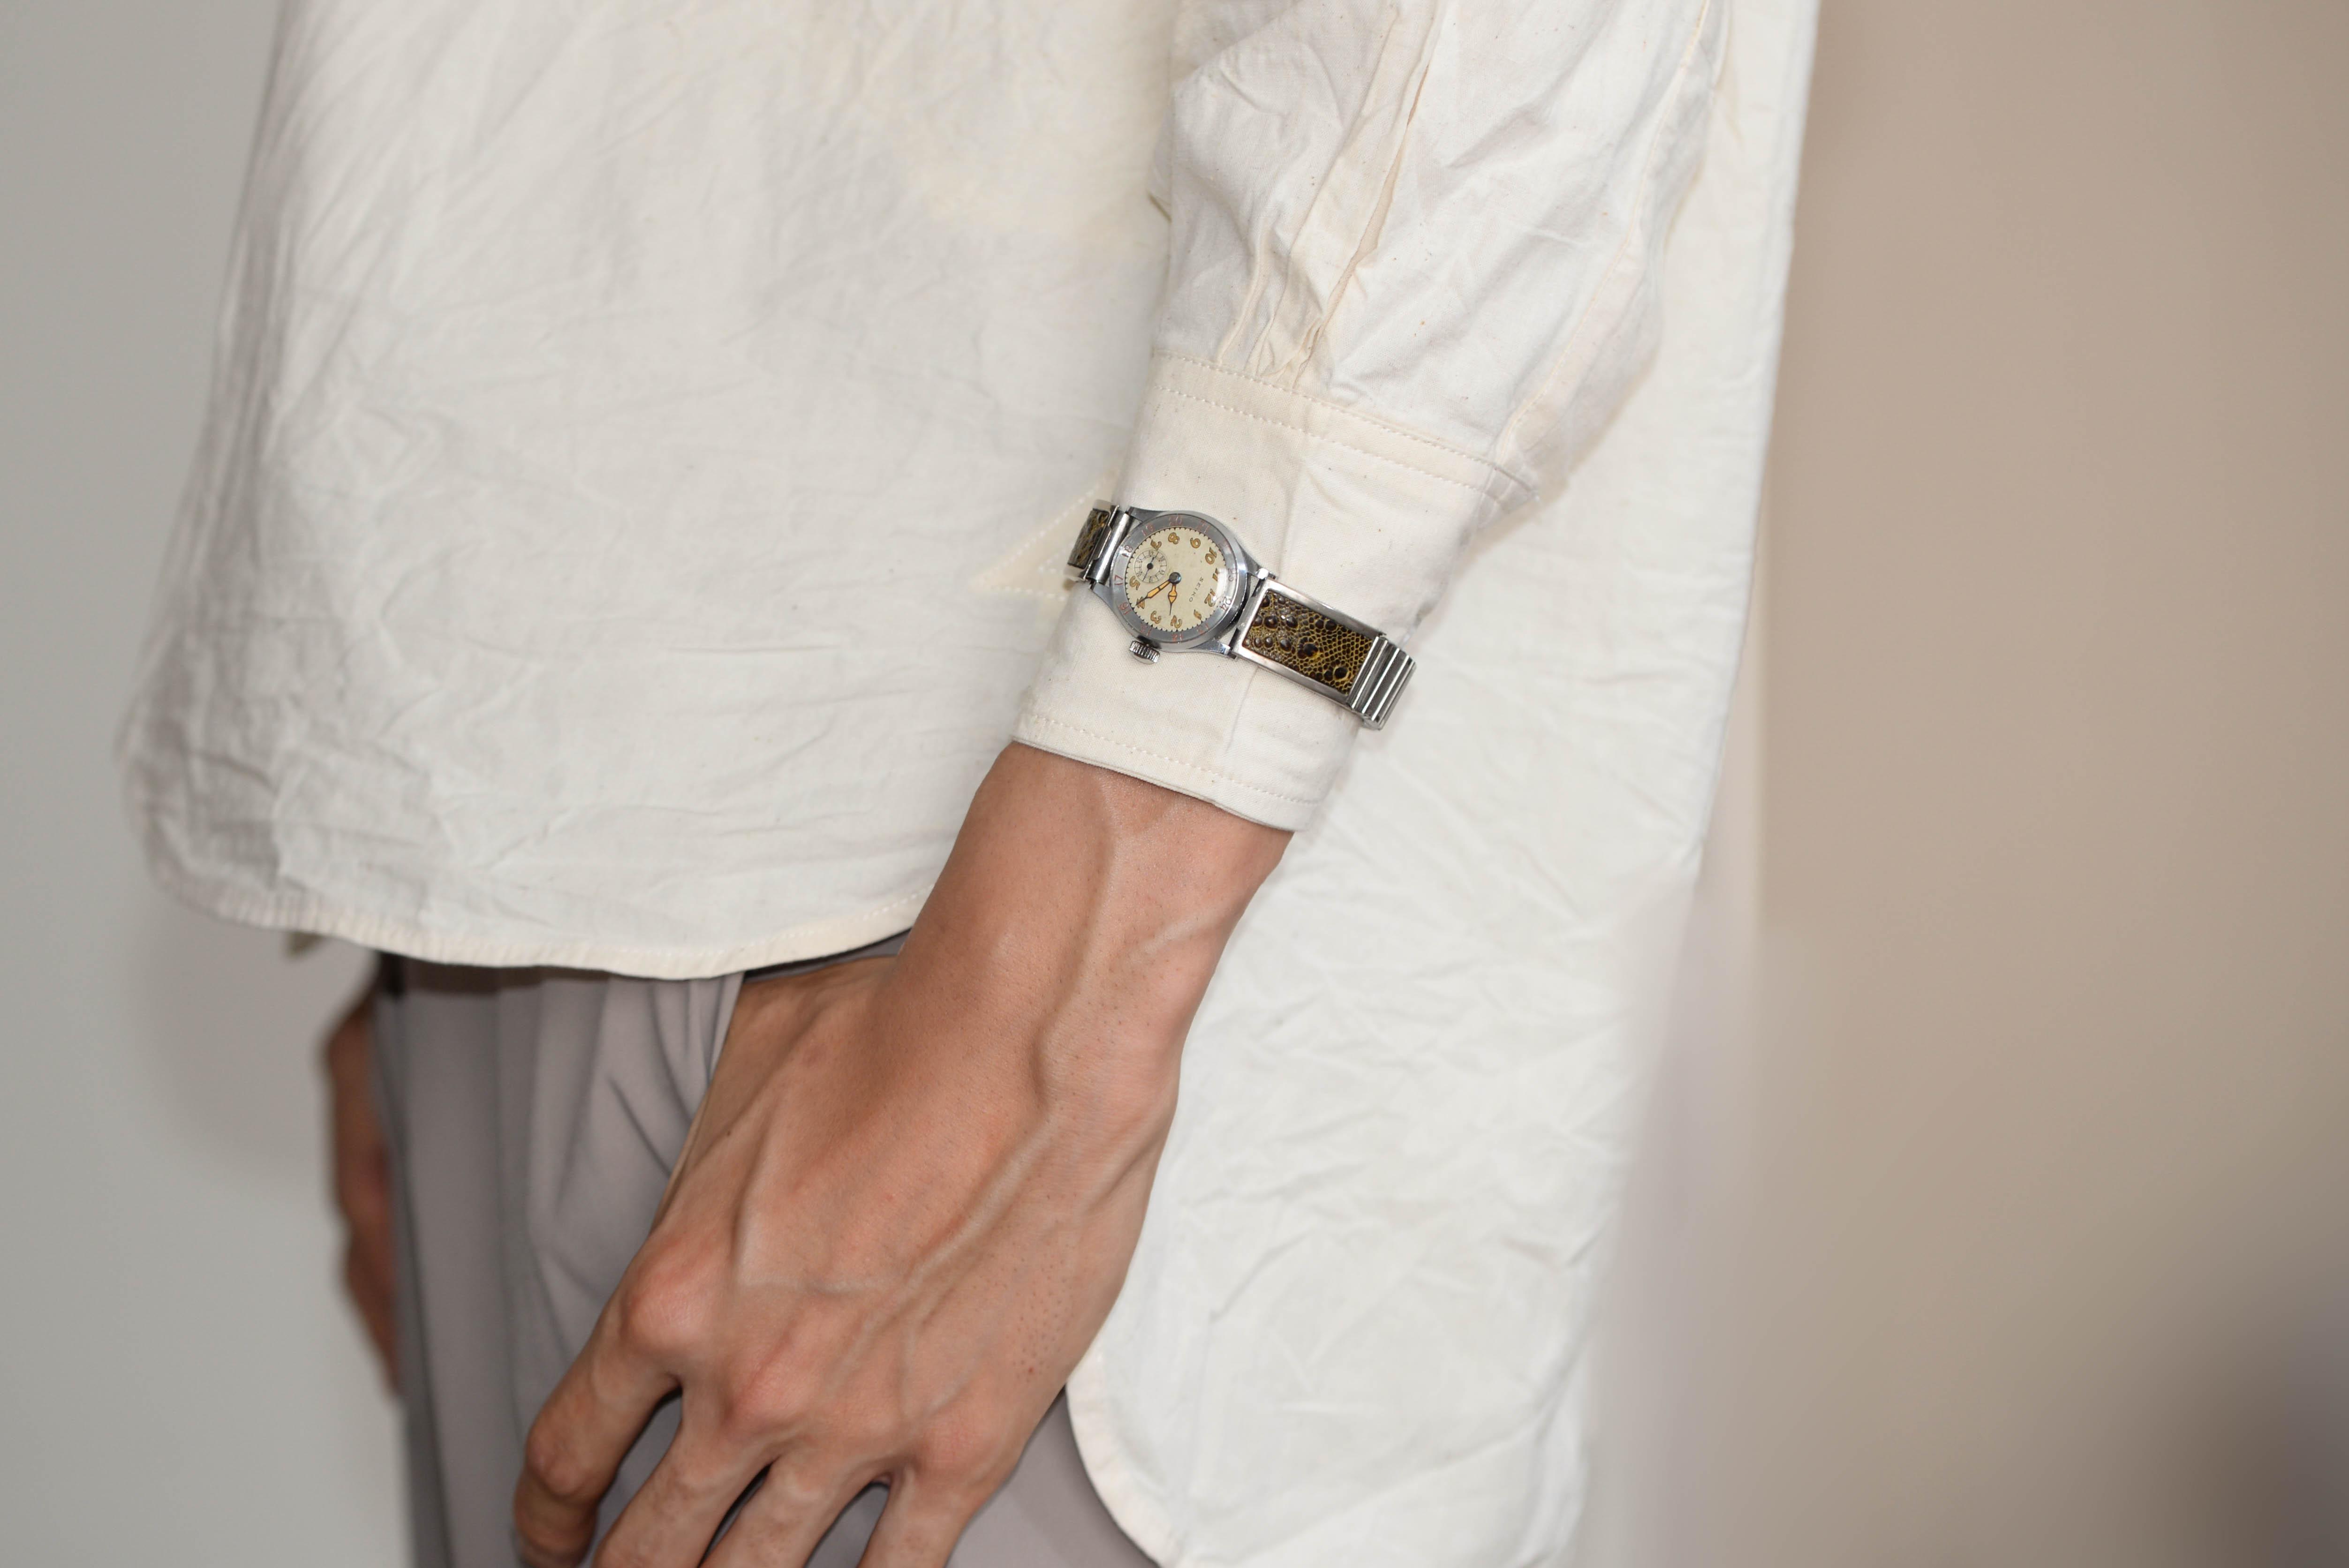 ミリタリー物の腕時計に興味がありました